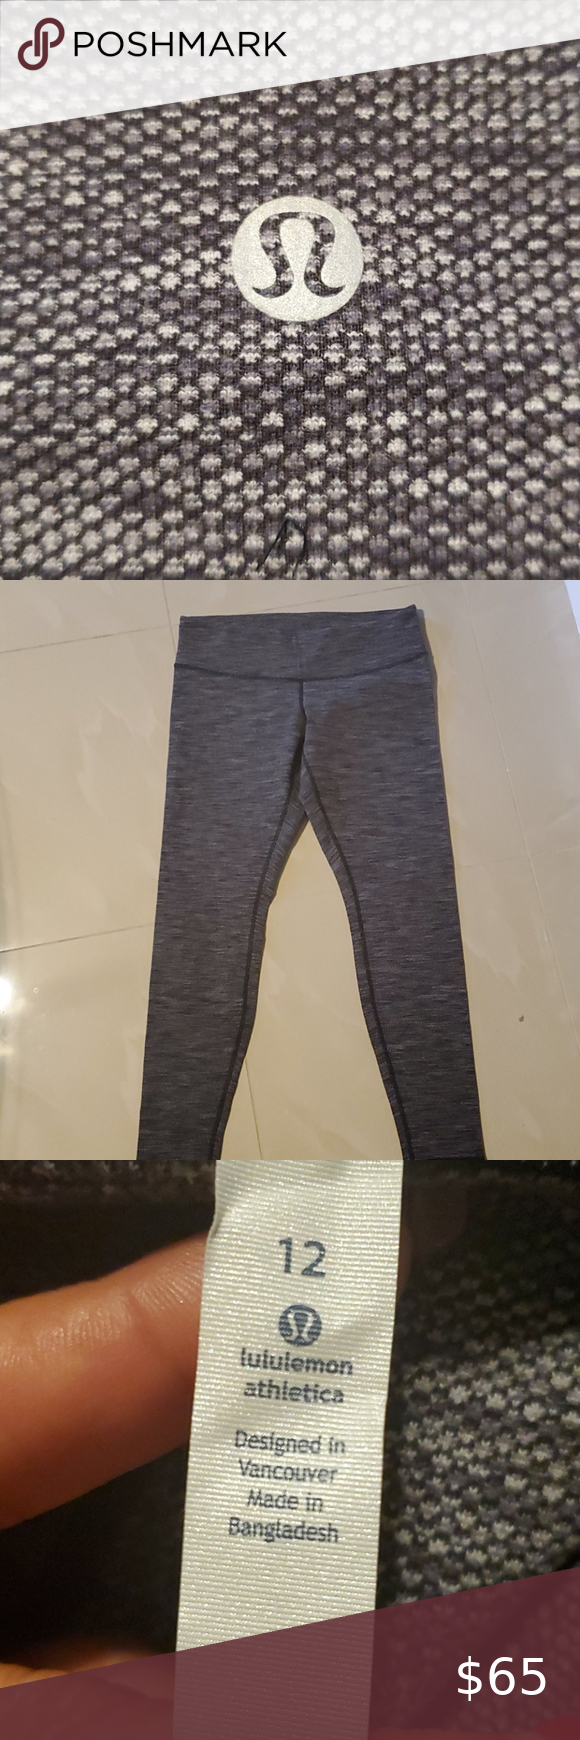 Lululemon Align Pants Leggings Size 12 In 2020 Lululemon Align Pant Leggings Are Not Pants Lululemon